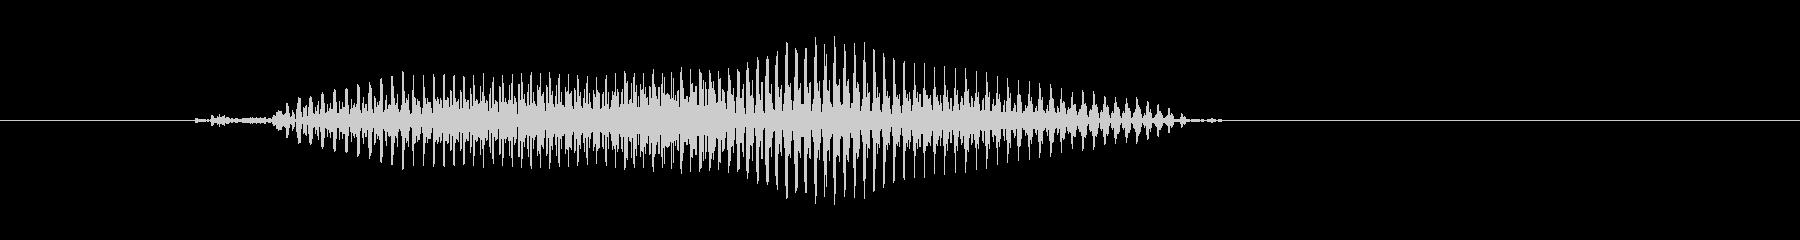 後衛(こうえい)の未再生の波形